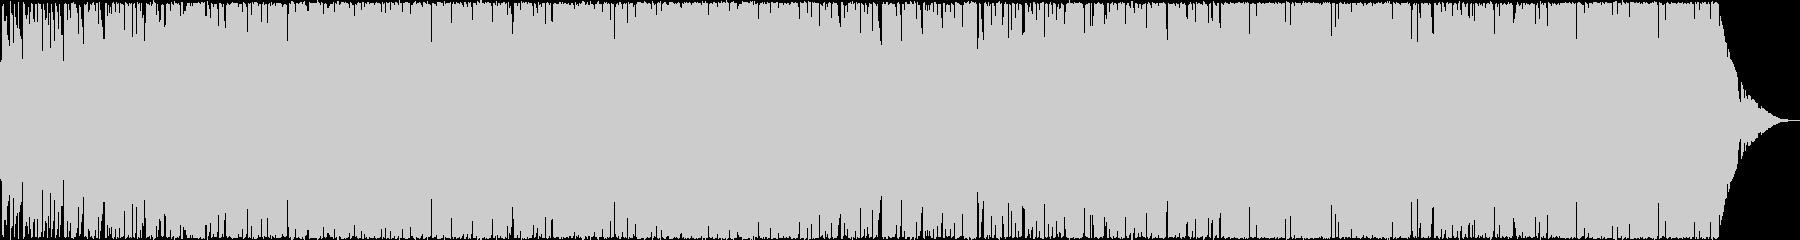 ピアノとストリングスとシンセの戯れの未再生の波形